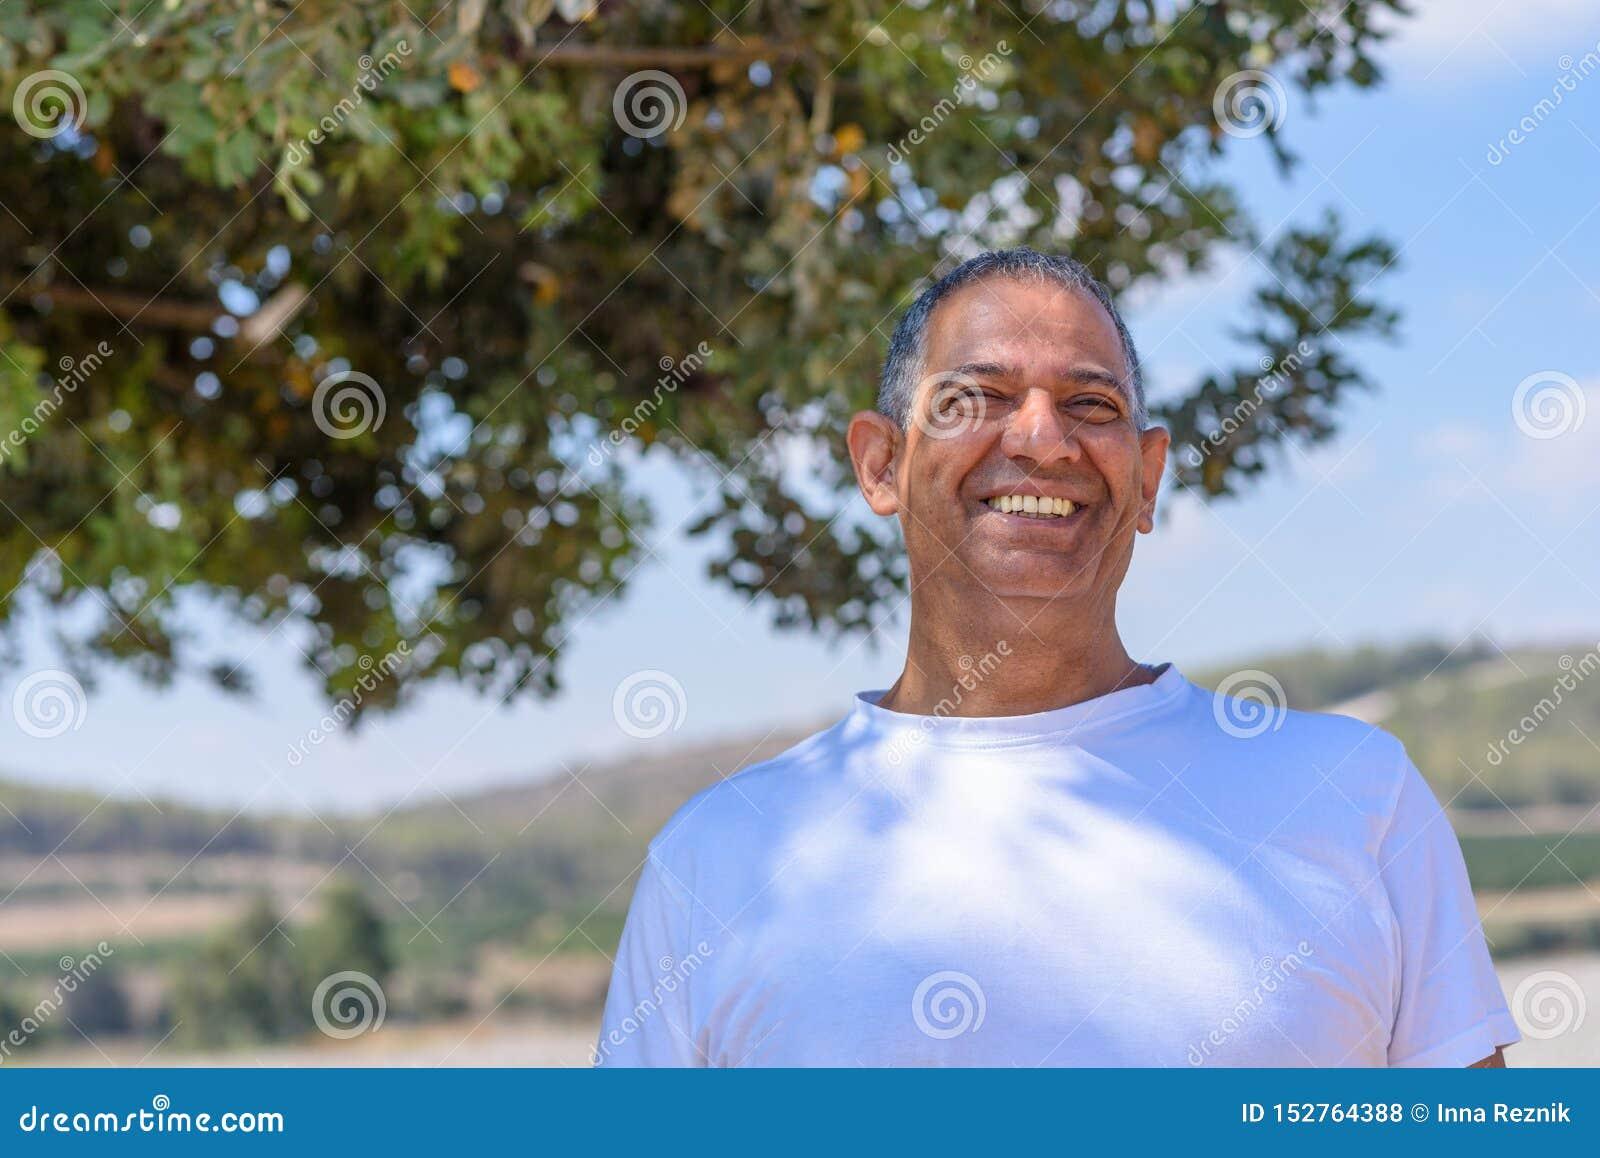 Portret van de Knappe Oude Actieve Hogere Mens in openlucht Rijp mannetje met vriendelijke ogen en mooie glimlach